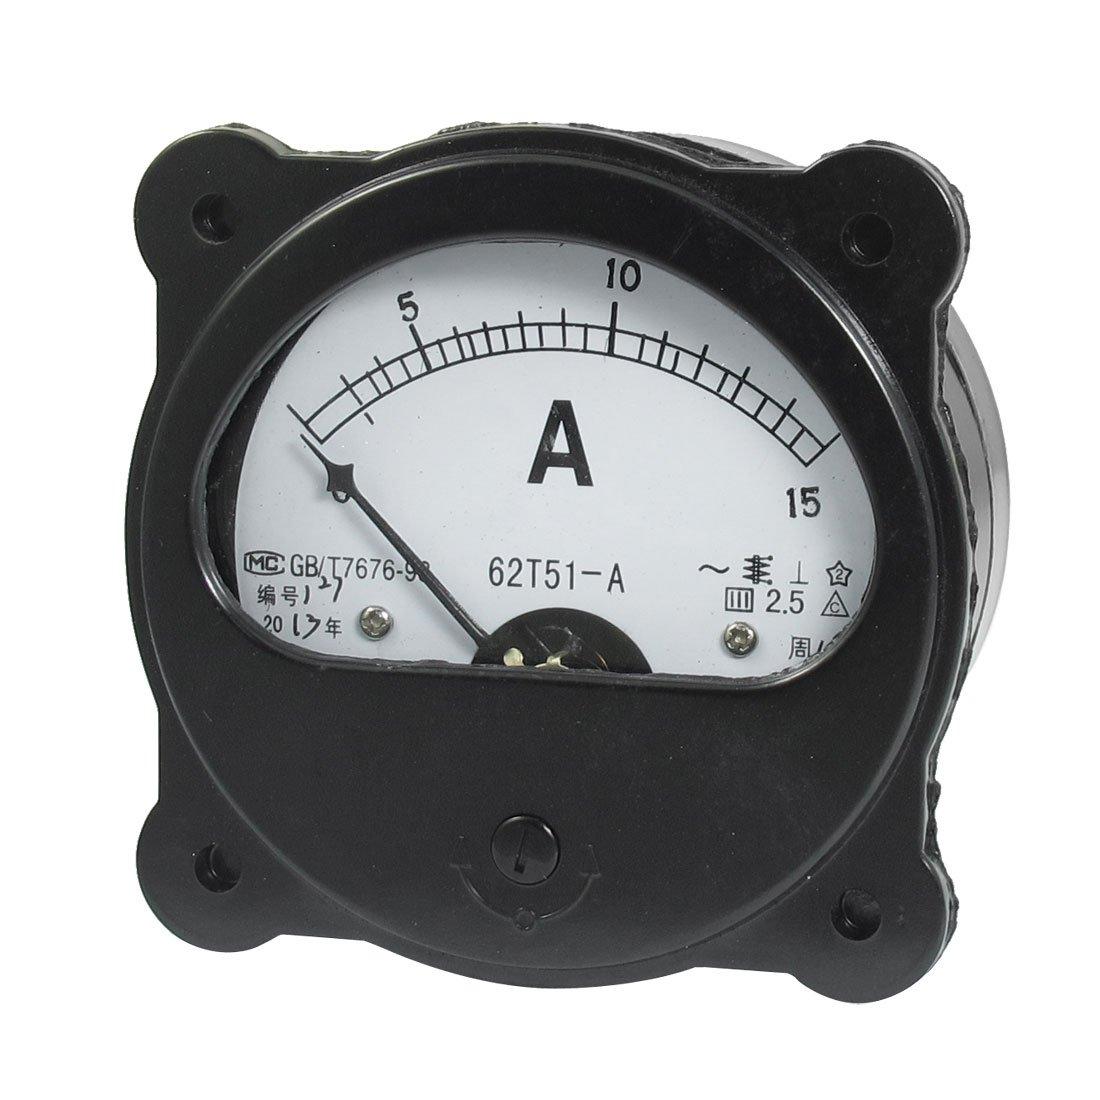 Ac 0 15a Nullstellung Dial Analog Ampere Amperemeter Panel Meter Schwarz De Gewerbe Industrie Wissenschaft